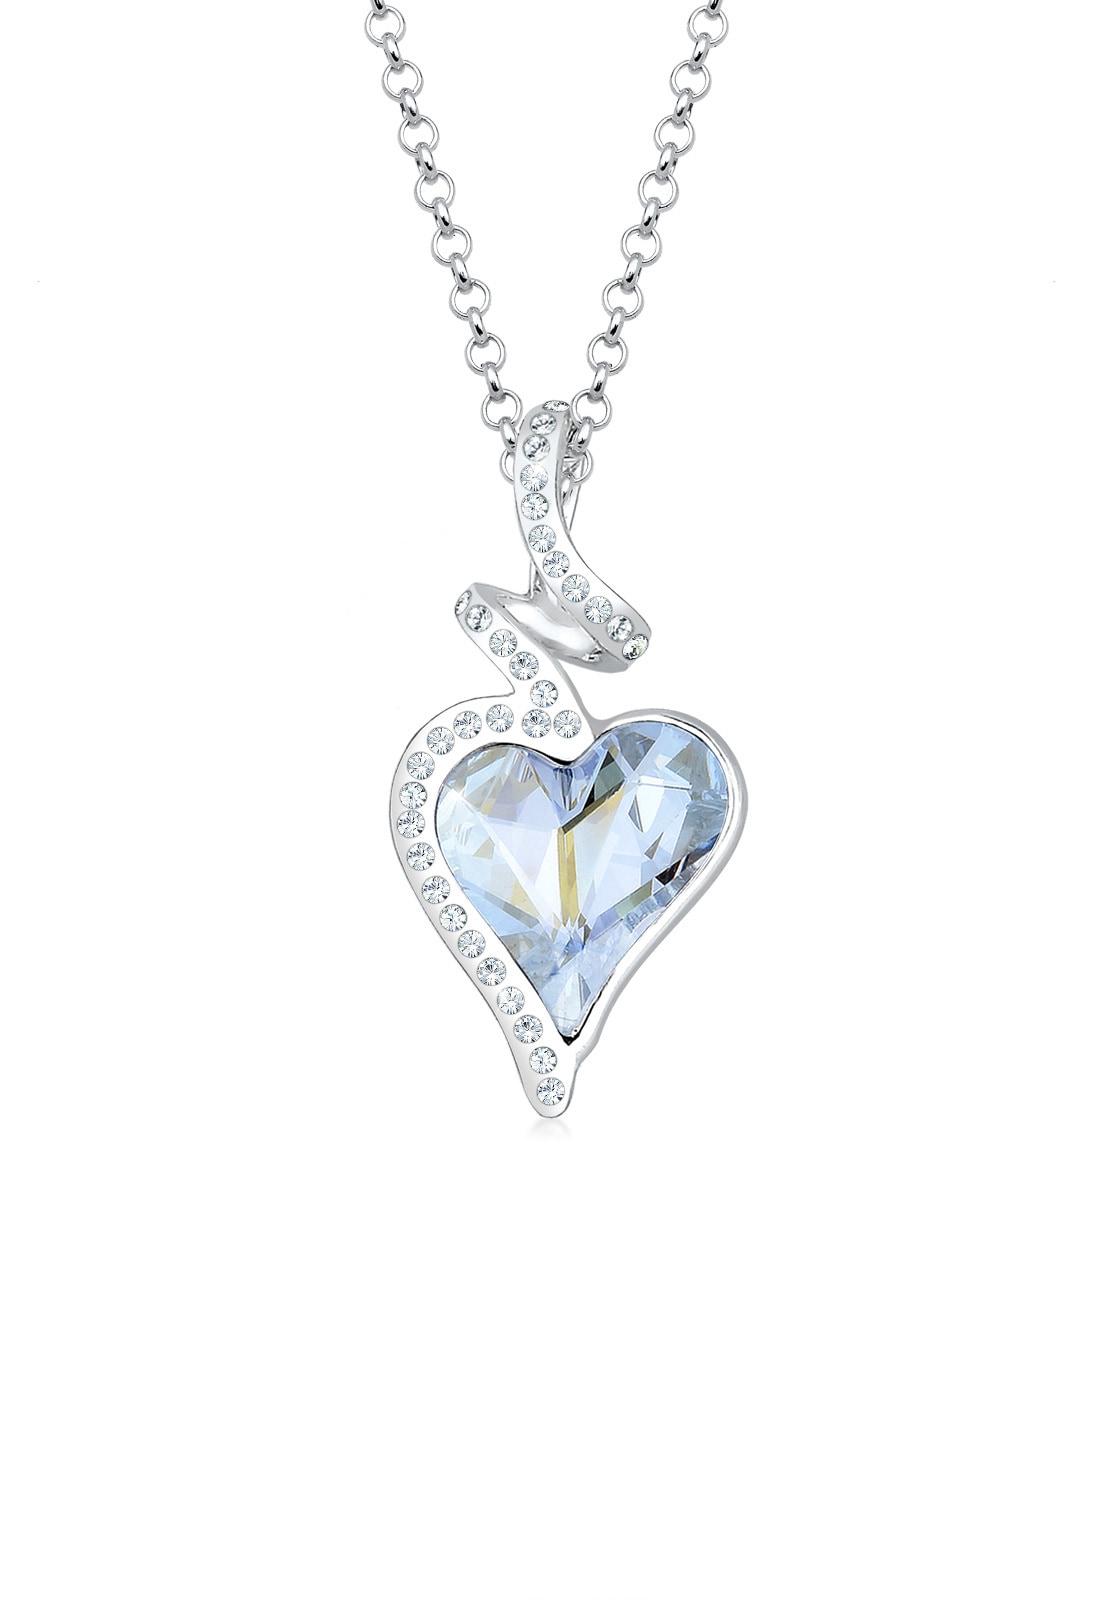 Elli Collierkettchen Herz Liebe Swarovski Kristalle 925 Silber Cara